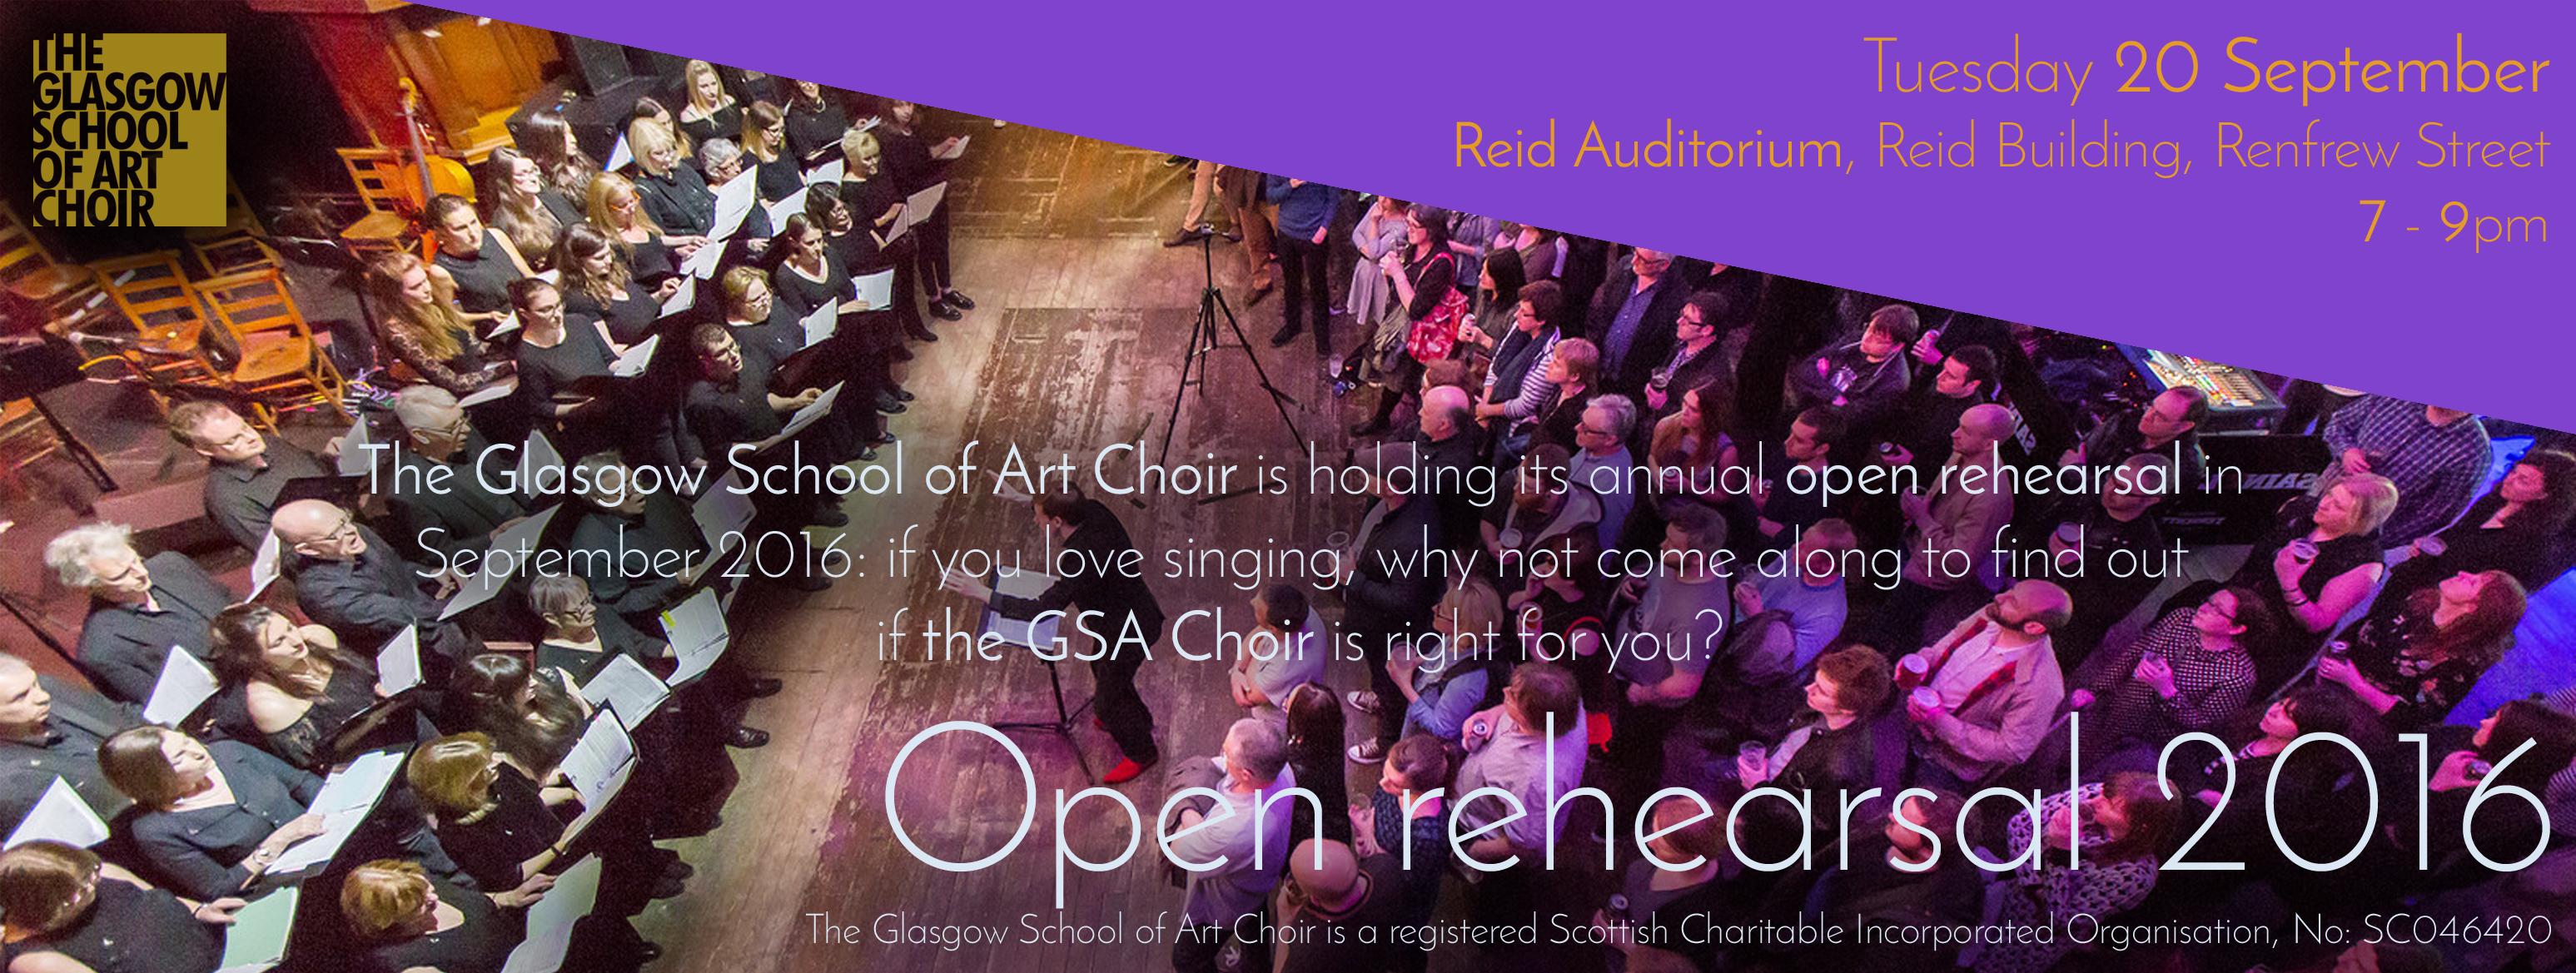 Open rehearsal 2016